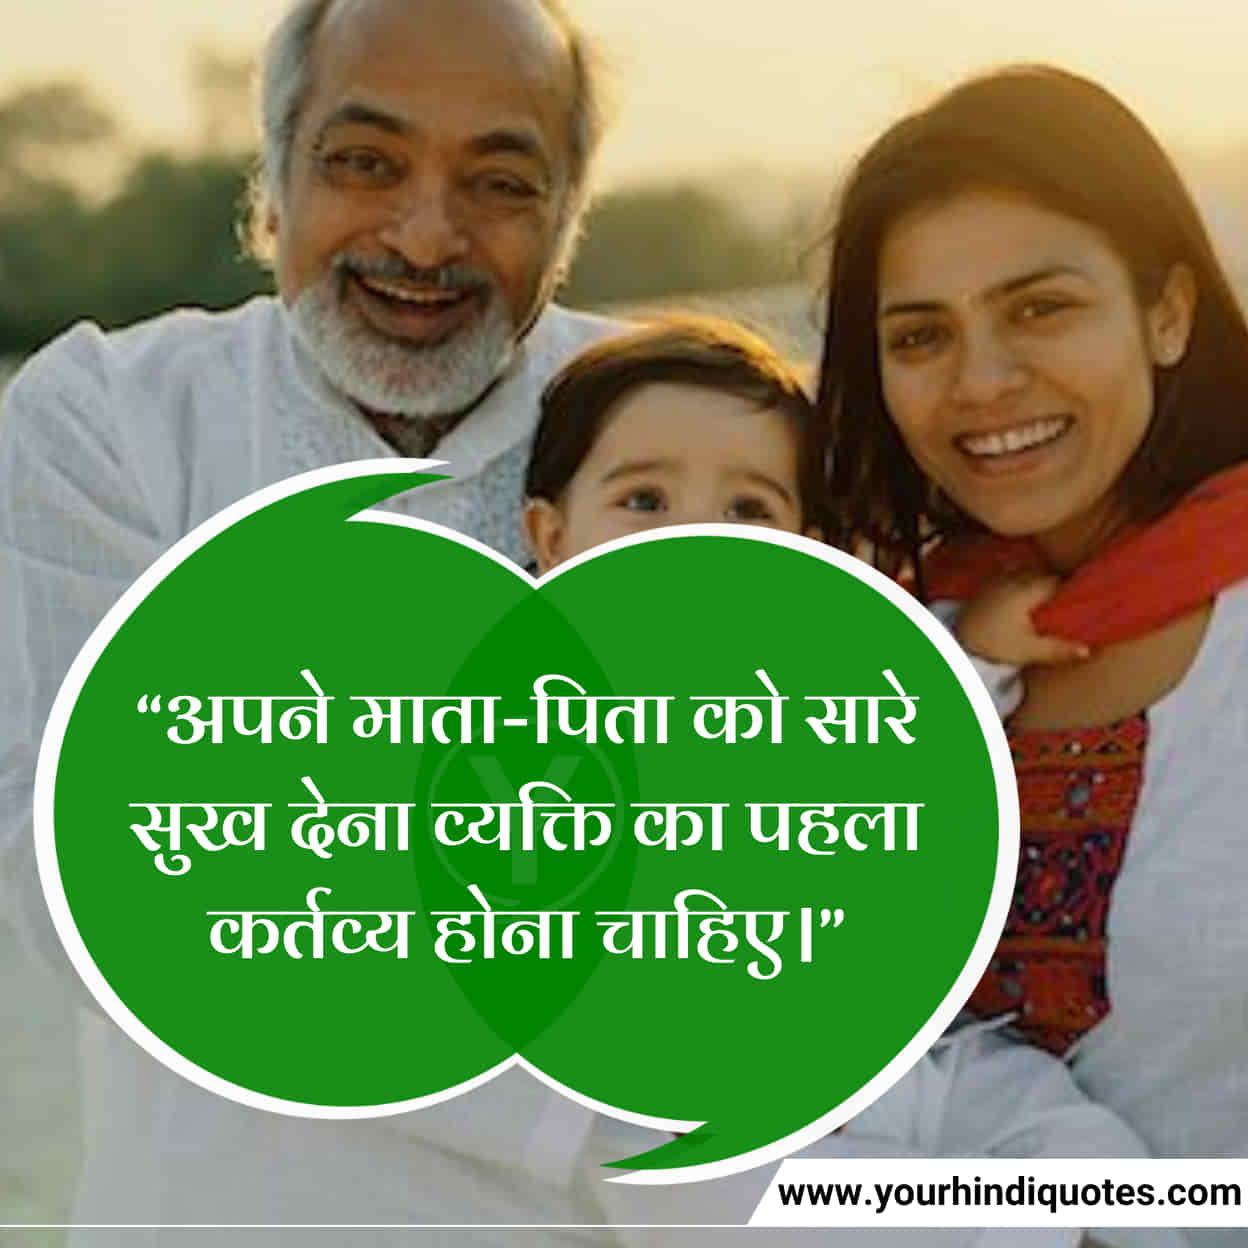 Hindi Love Family Quotes In Hindi